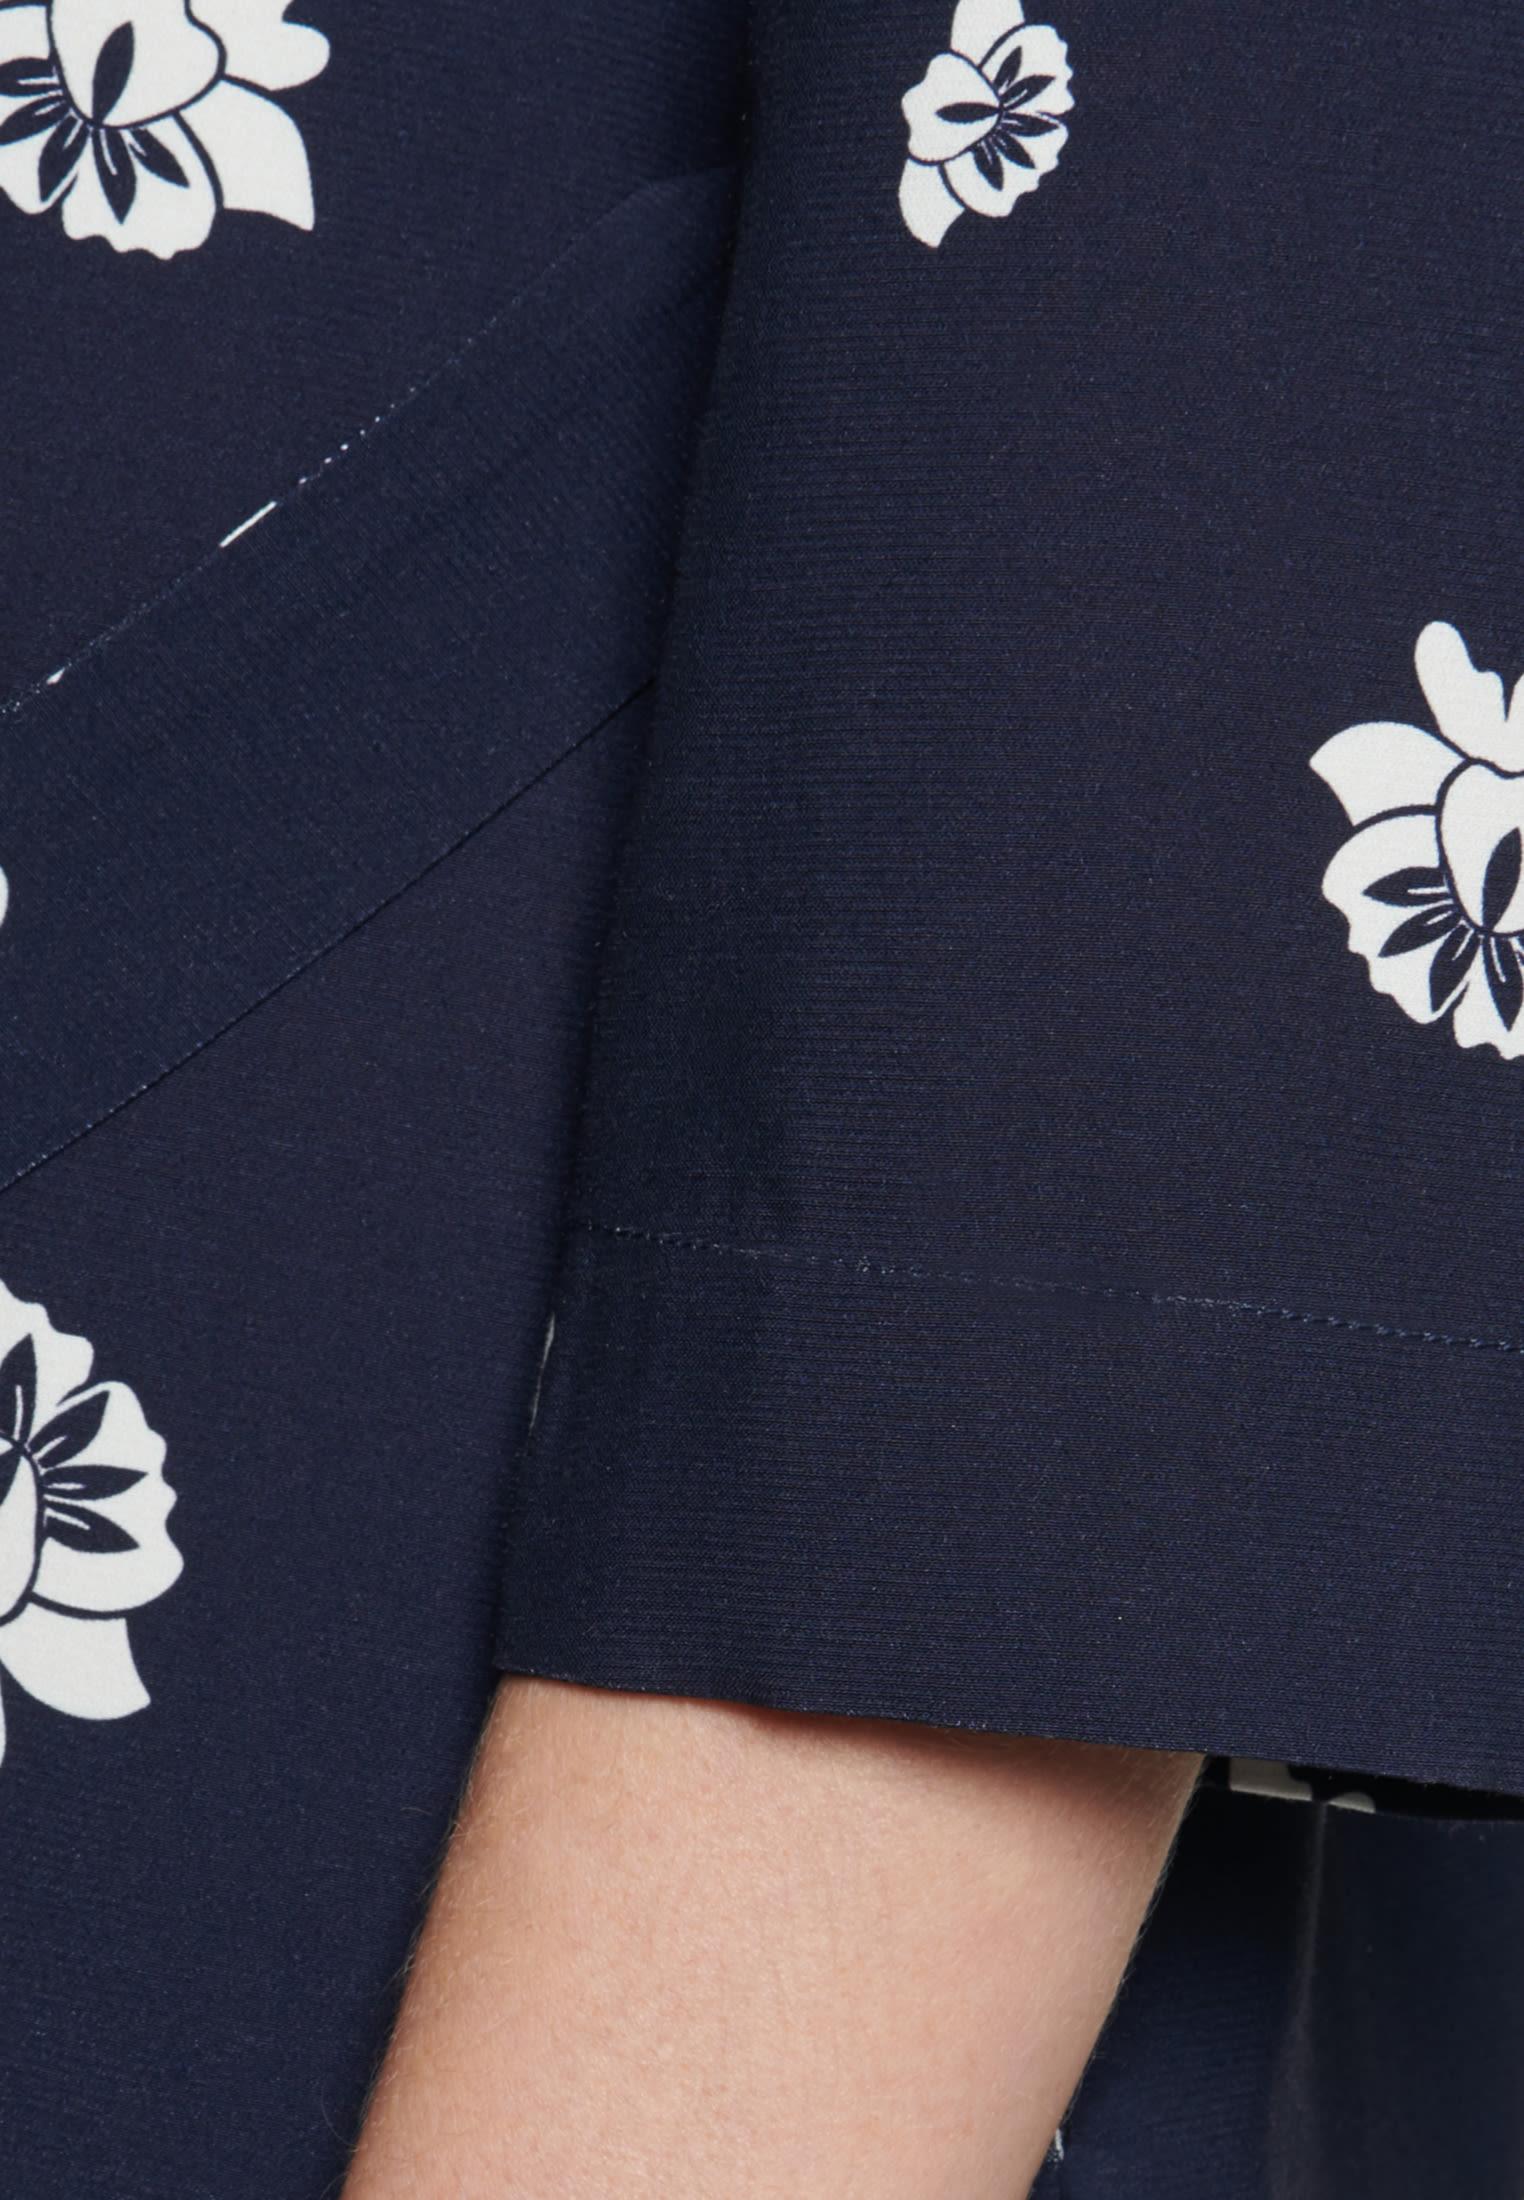 Popeline Midi Kleid aus Viskosemischung in Dunkelblau |  Seidensticker Onlineshop